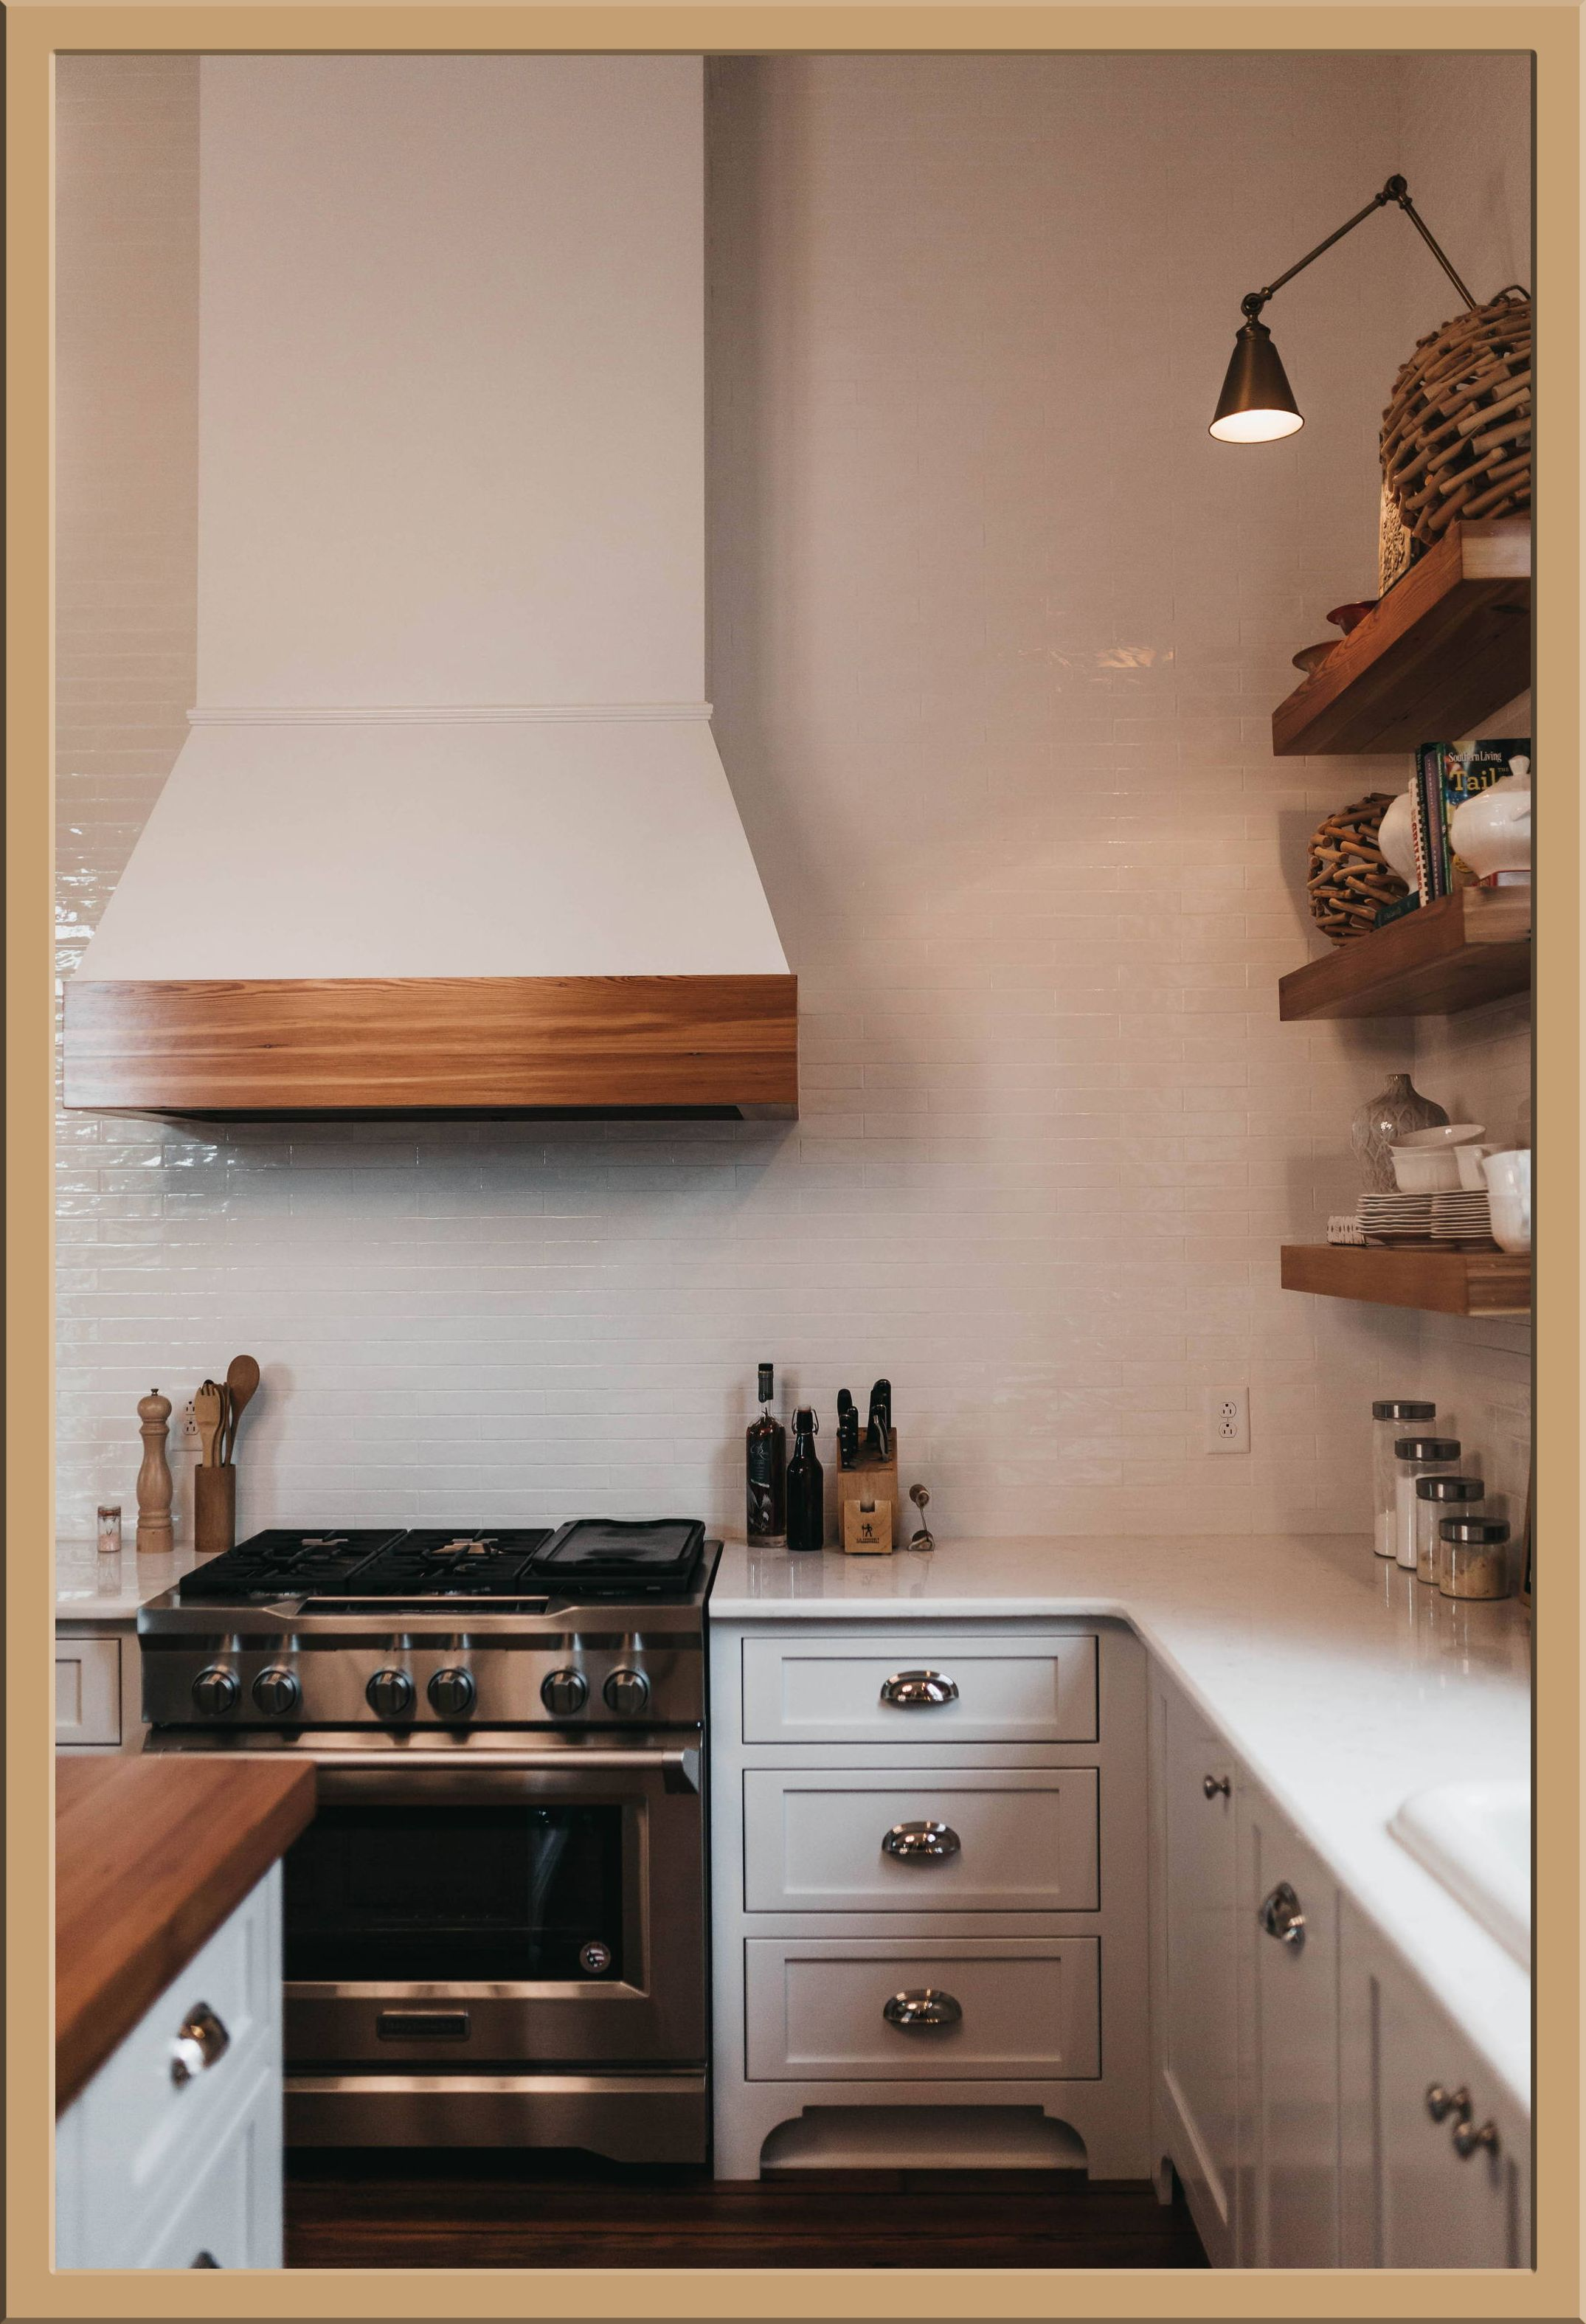 Attention-grabbing Ways To Kitchen Decor